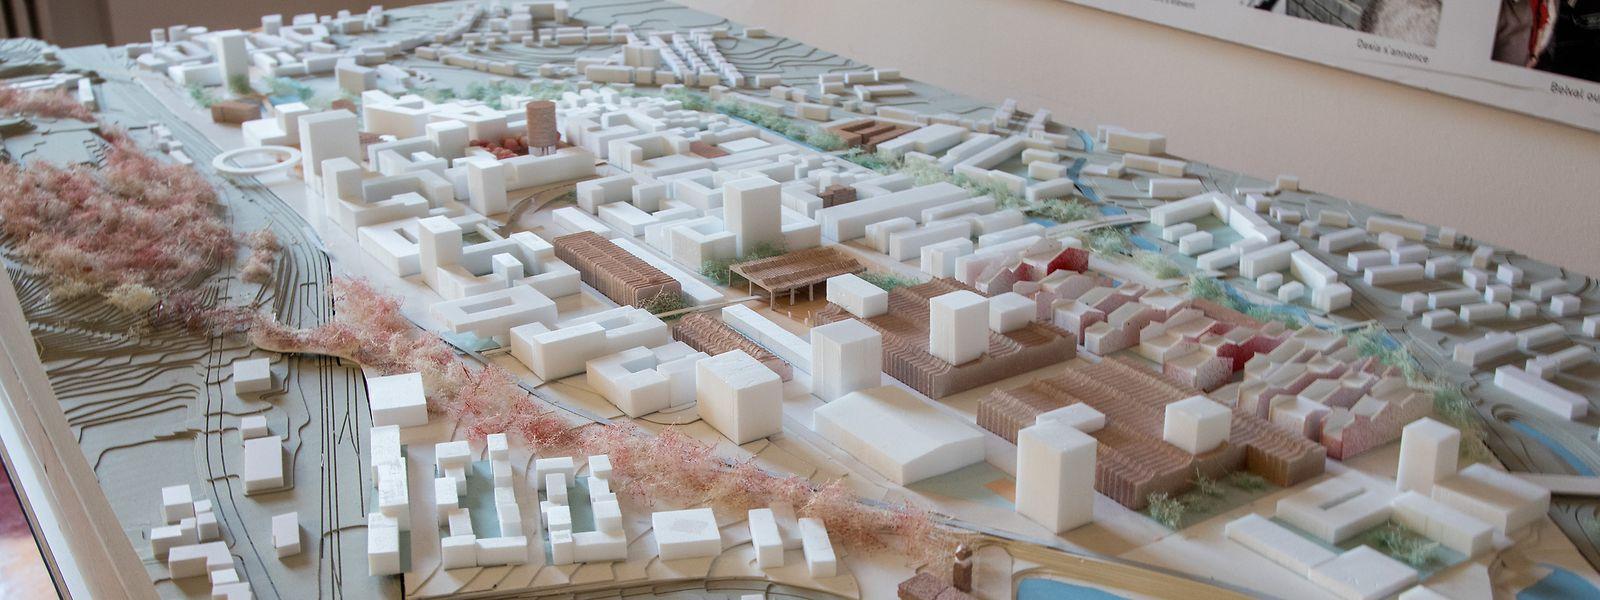 La maquette de l'Agora, pour le futur quartier des friches d'Esch/Schifflange